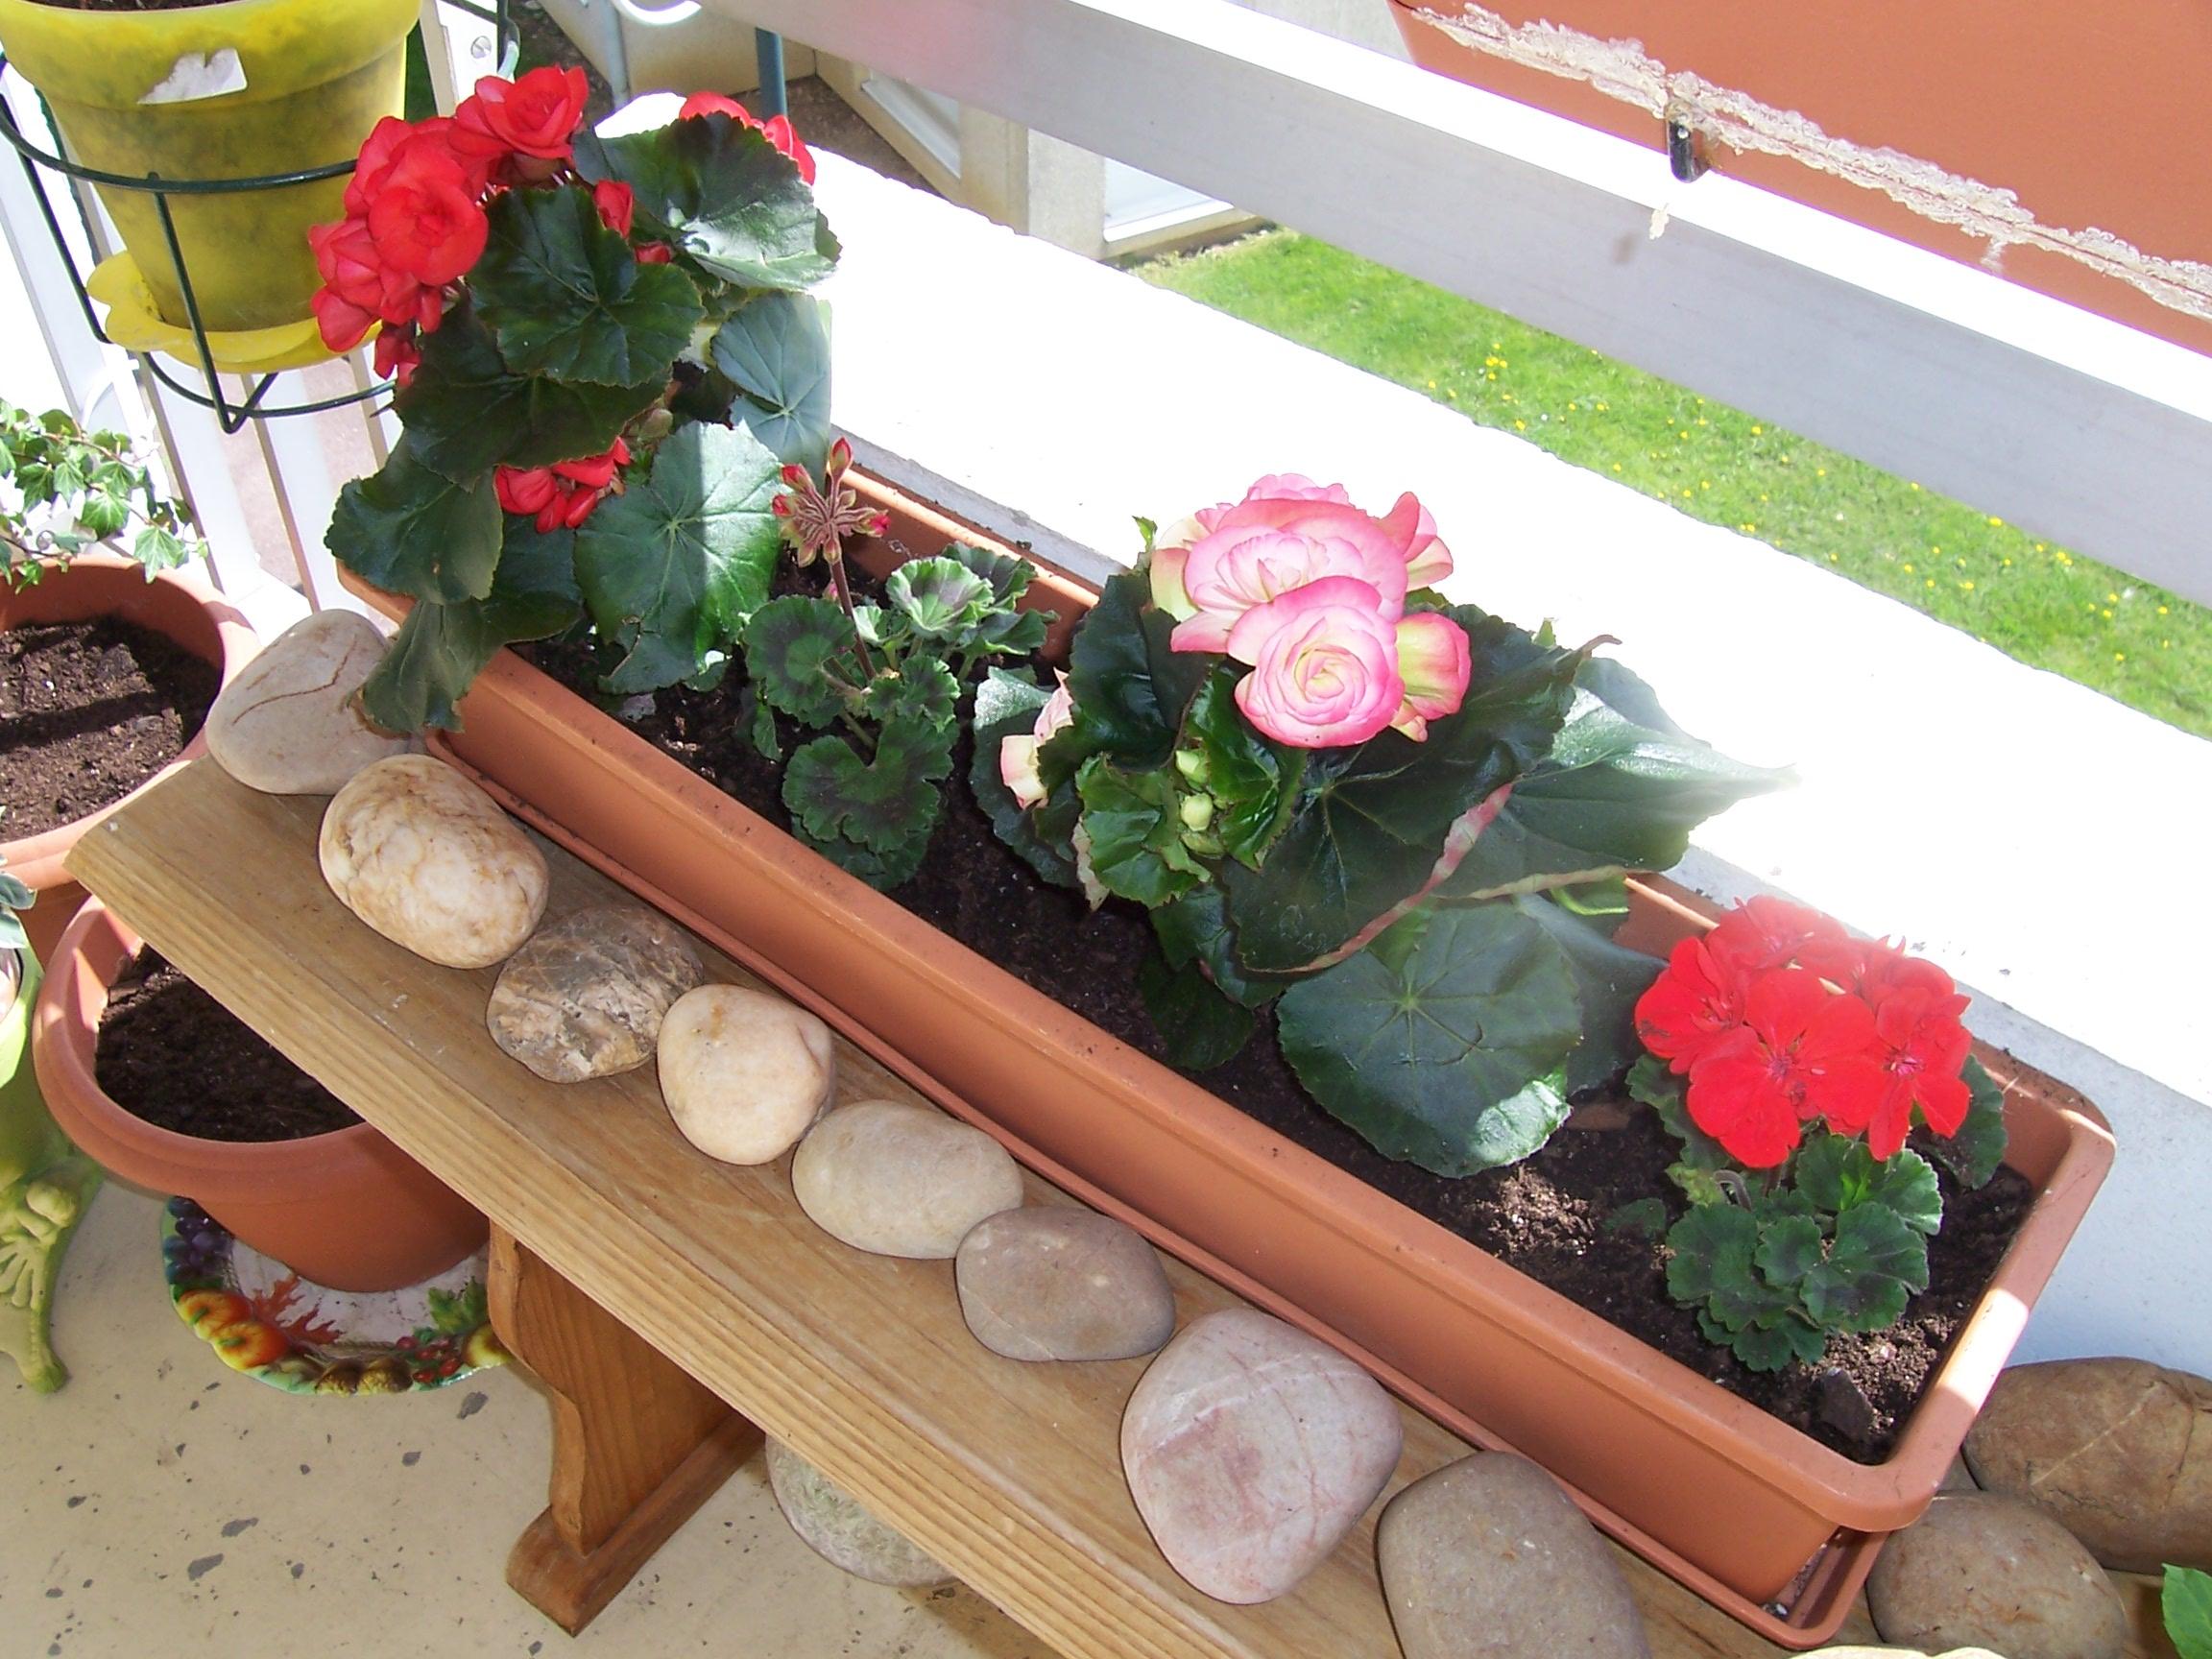 Portfolio bichette des fleurs pour mon p re - Au jardin de mon pere les lilas sont fleuris ...